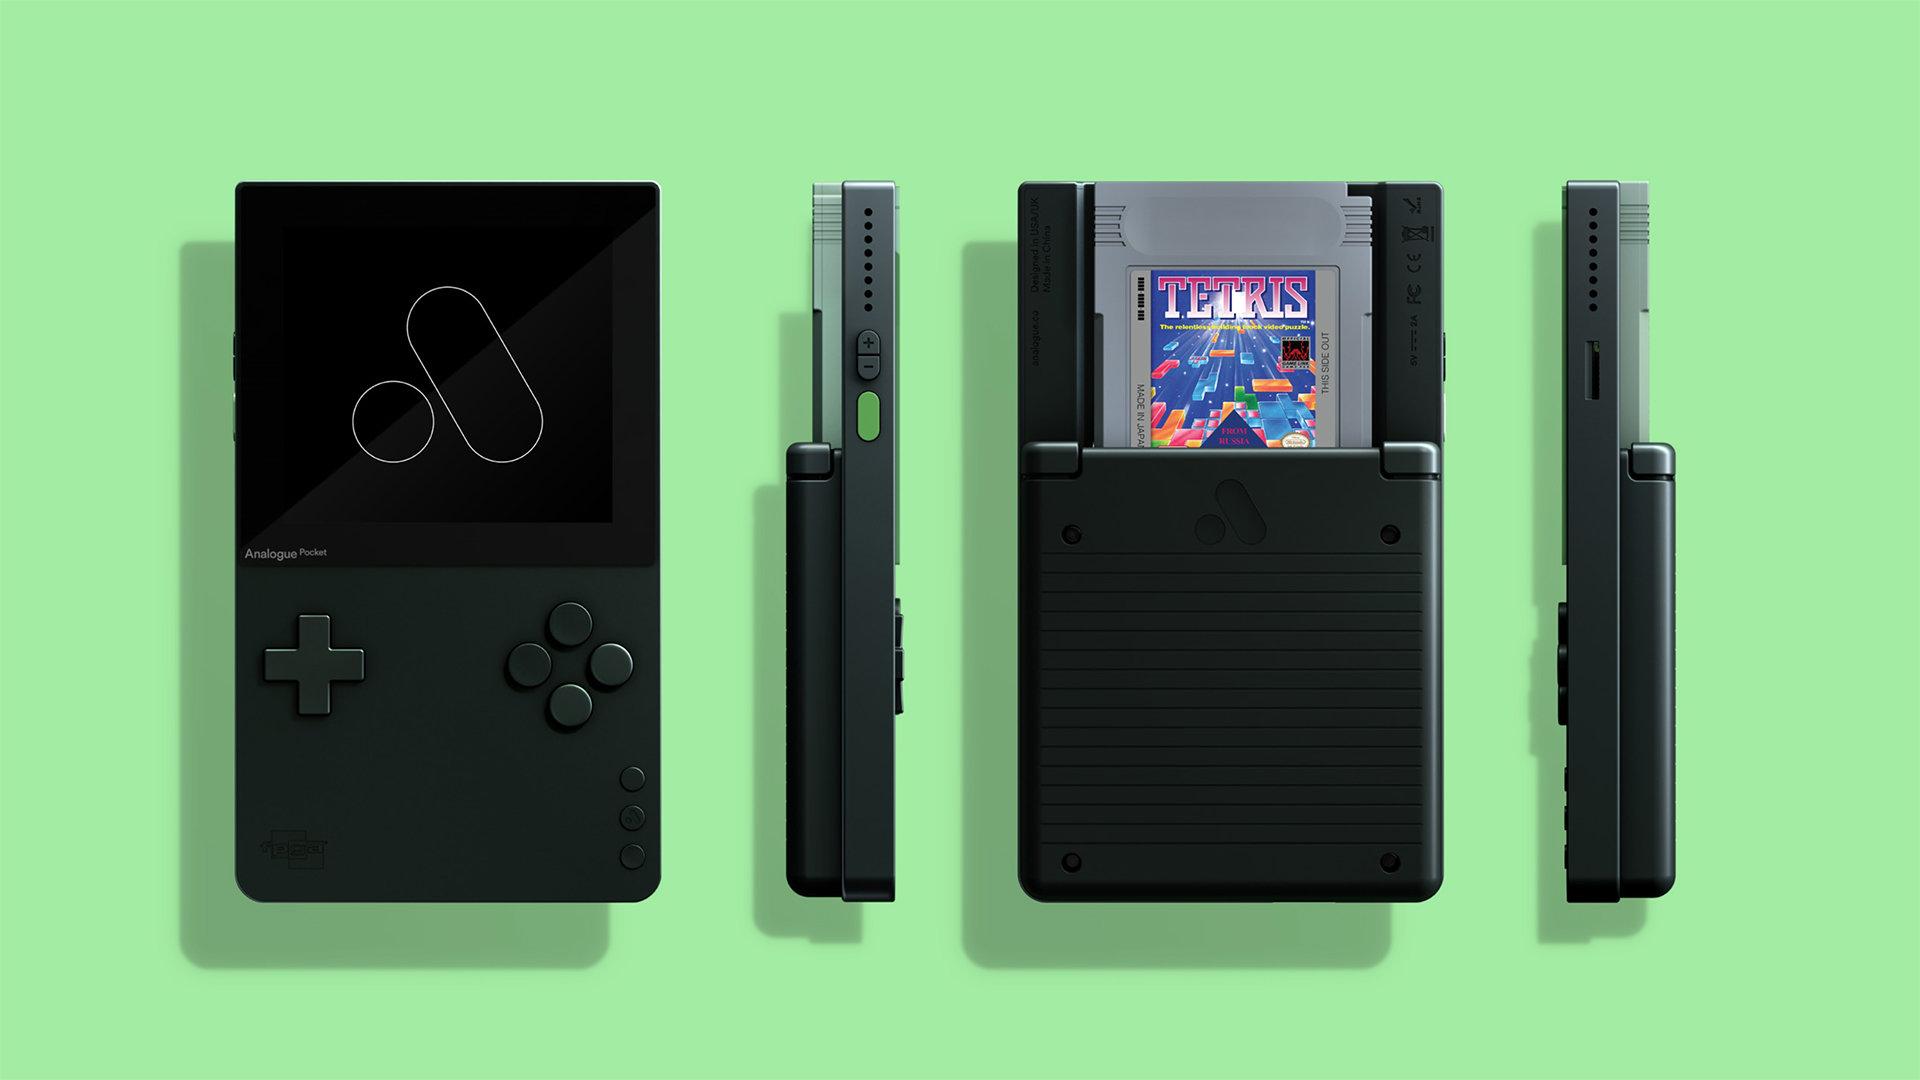 Analogue Pocket: in arrivo nel 2020 il Game Boy replicato in FPGA